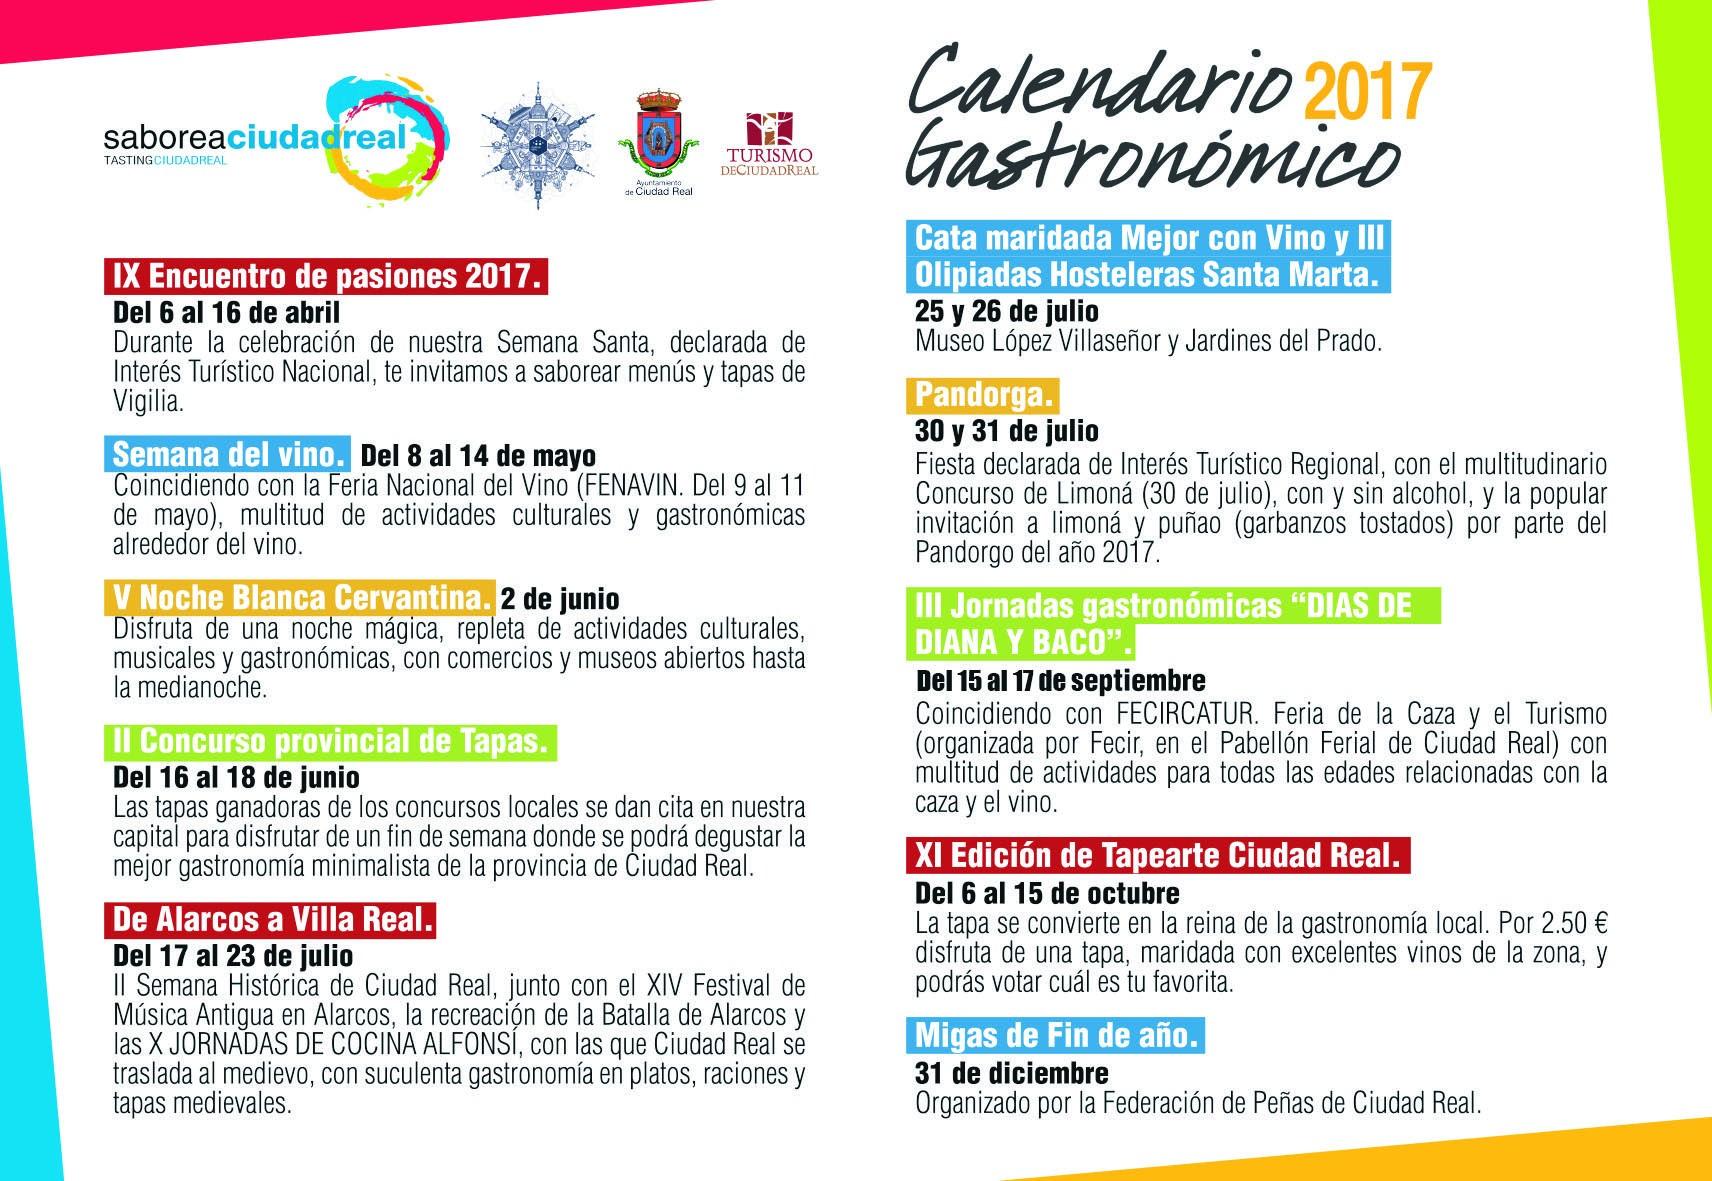 Calendario Gastronƒ³mico 2017